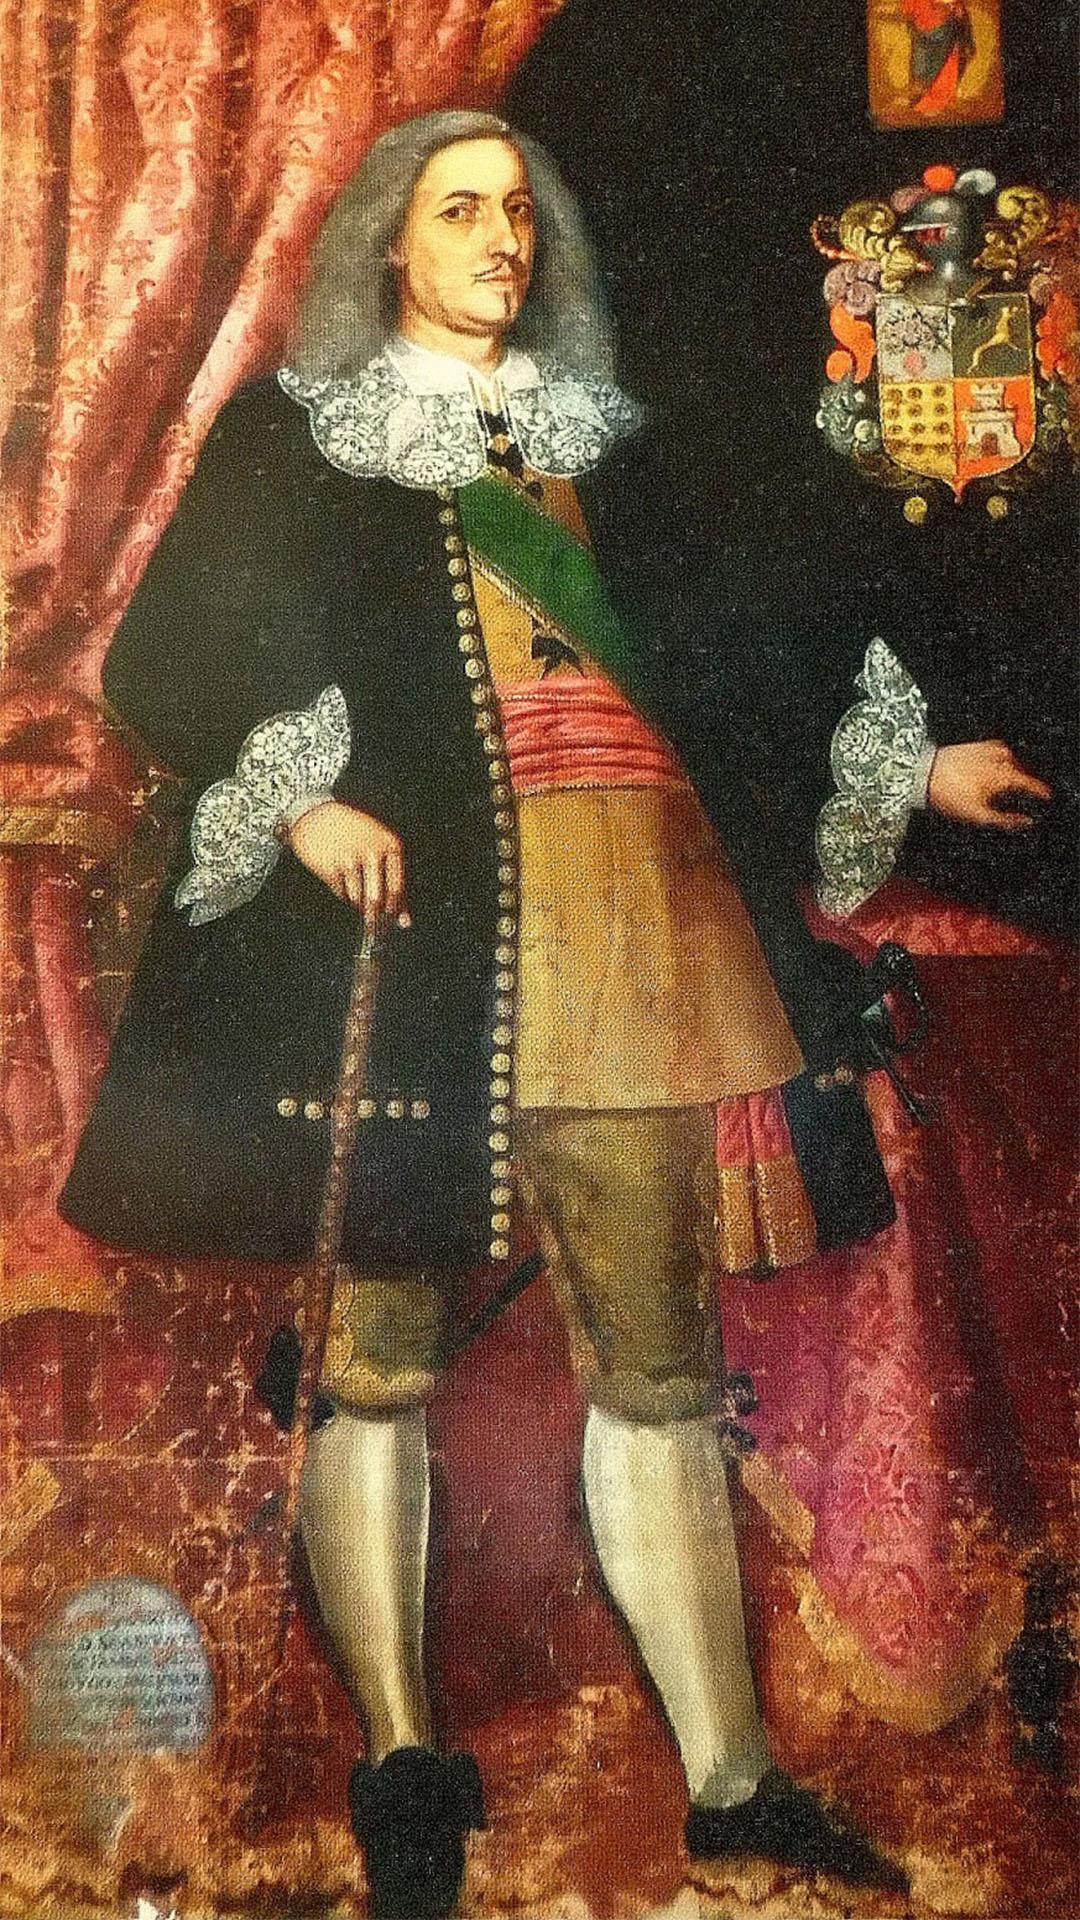 Der Stifter der Ermita Virgen del Buen Viaje El Cotillo Fuerteventura: Sergeant Major Sebastian Trujillo Ruiz.